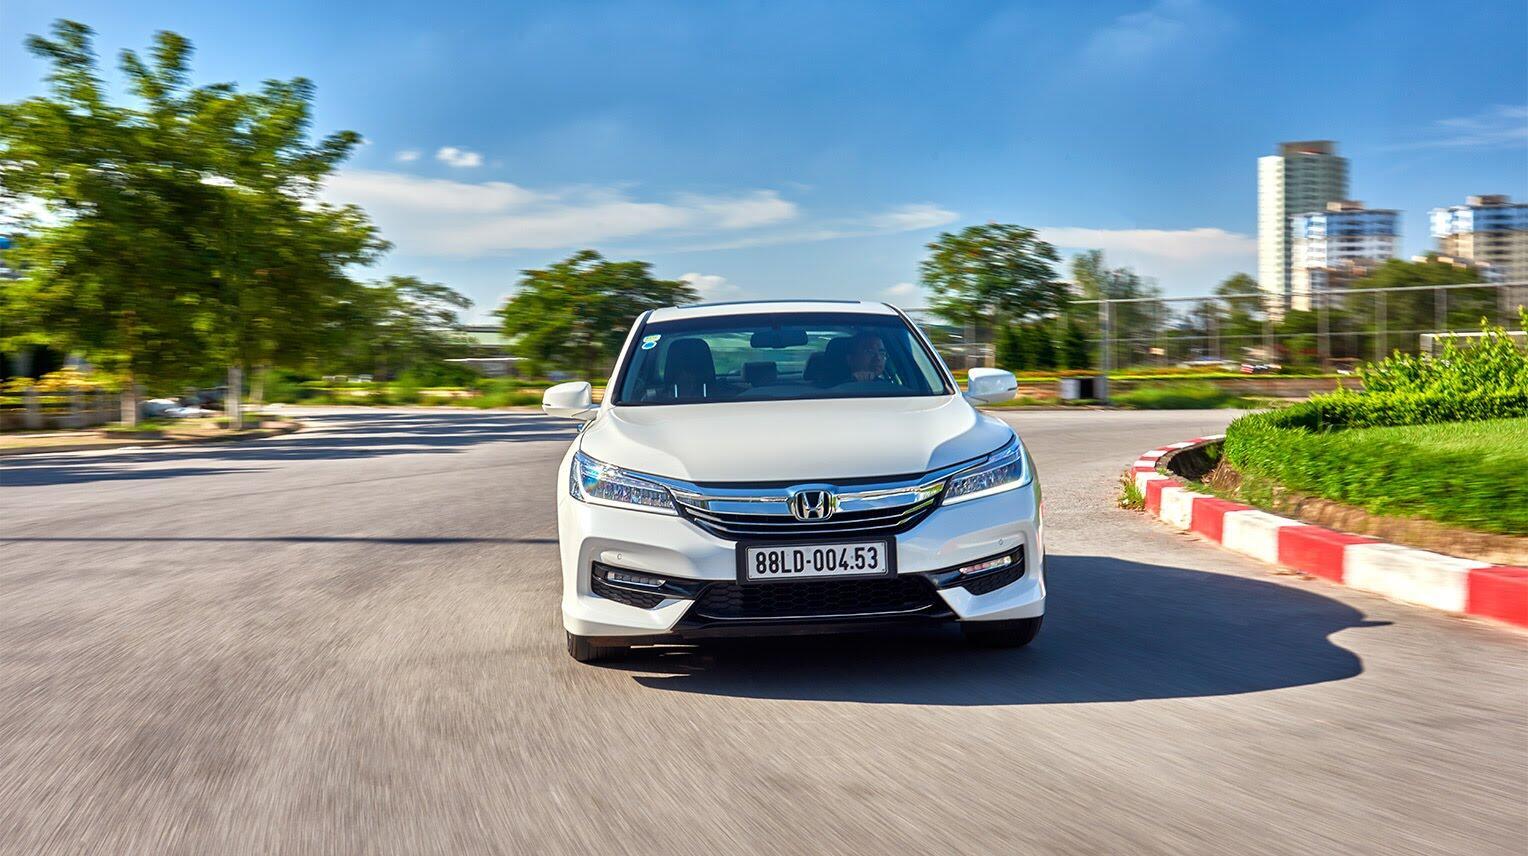 Đánh giá Honda Accord 2016: Ưa nhìn hơn, trang bị tốt hơn và lái phấn khích hơn - Hình 31